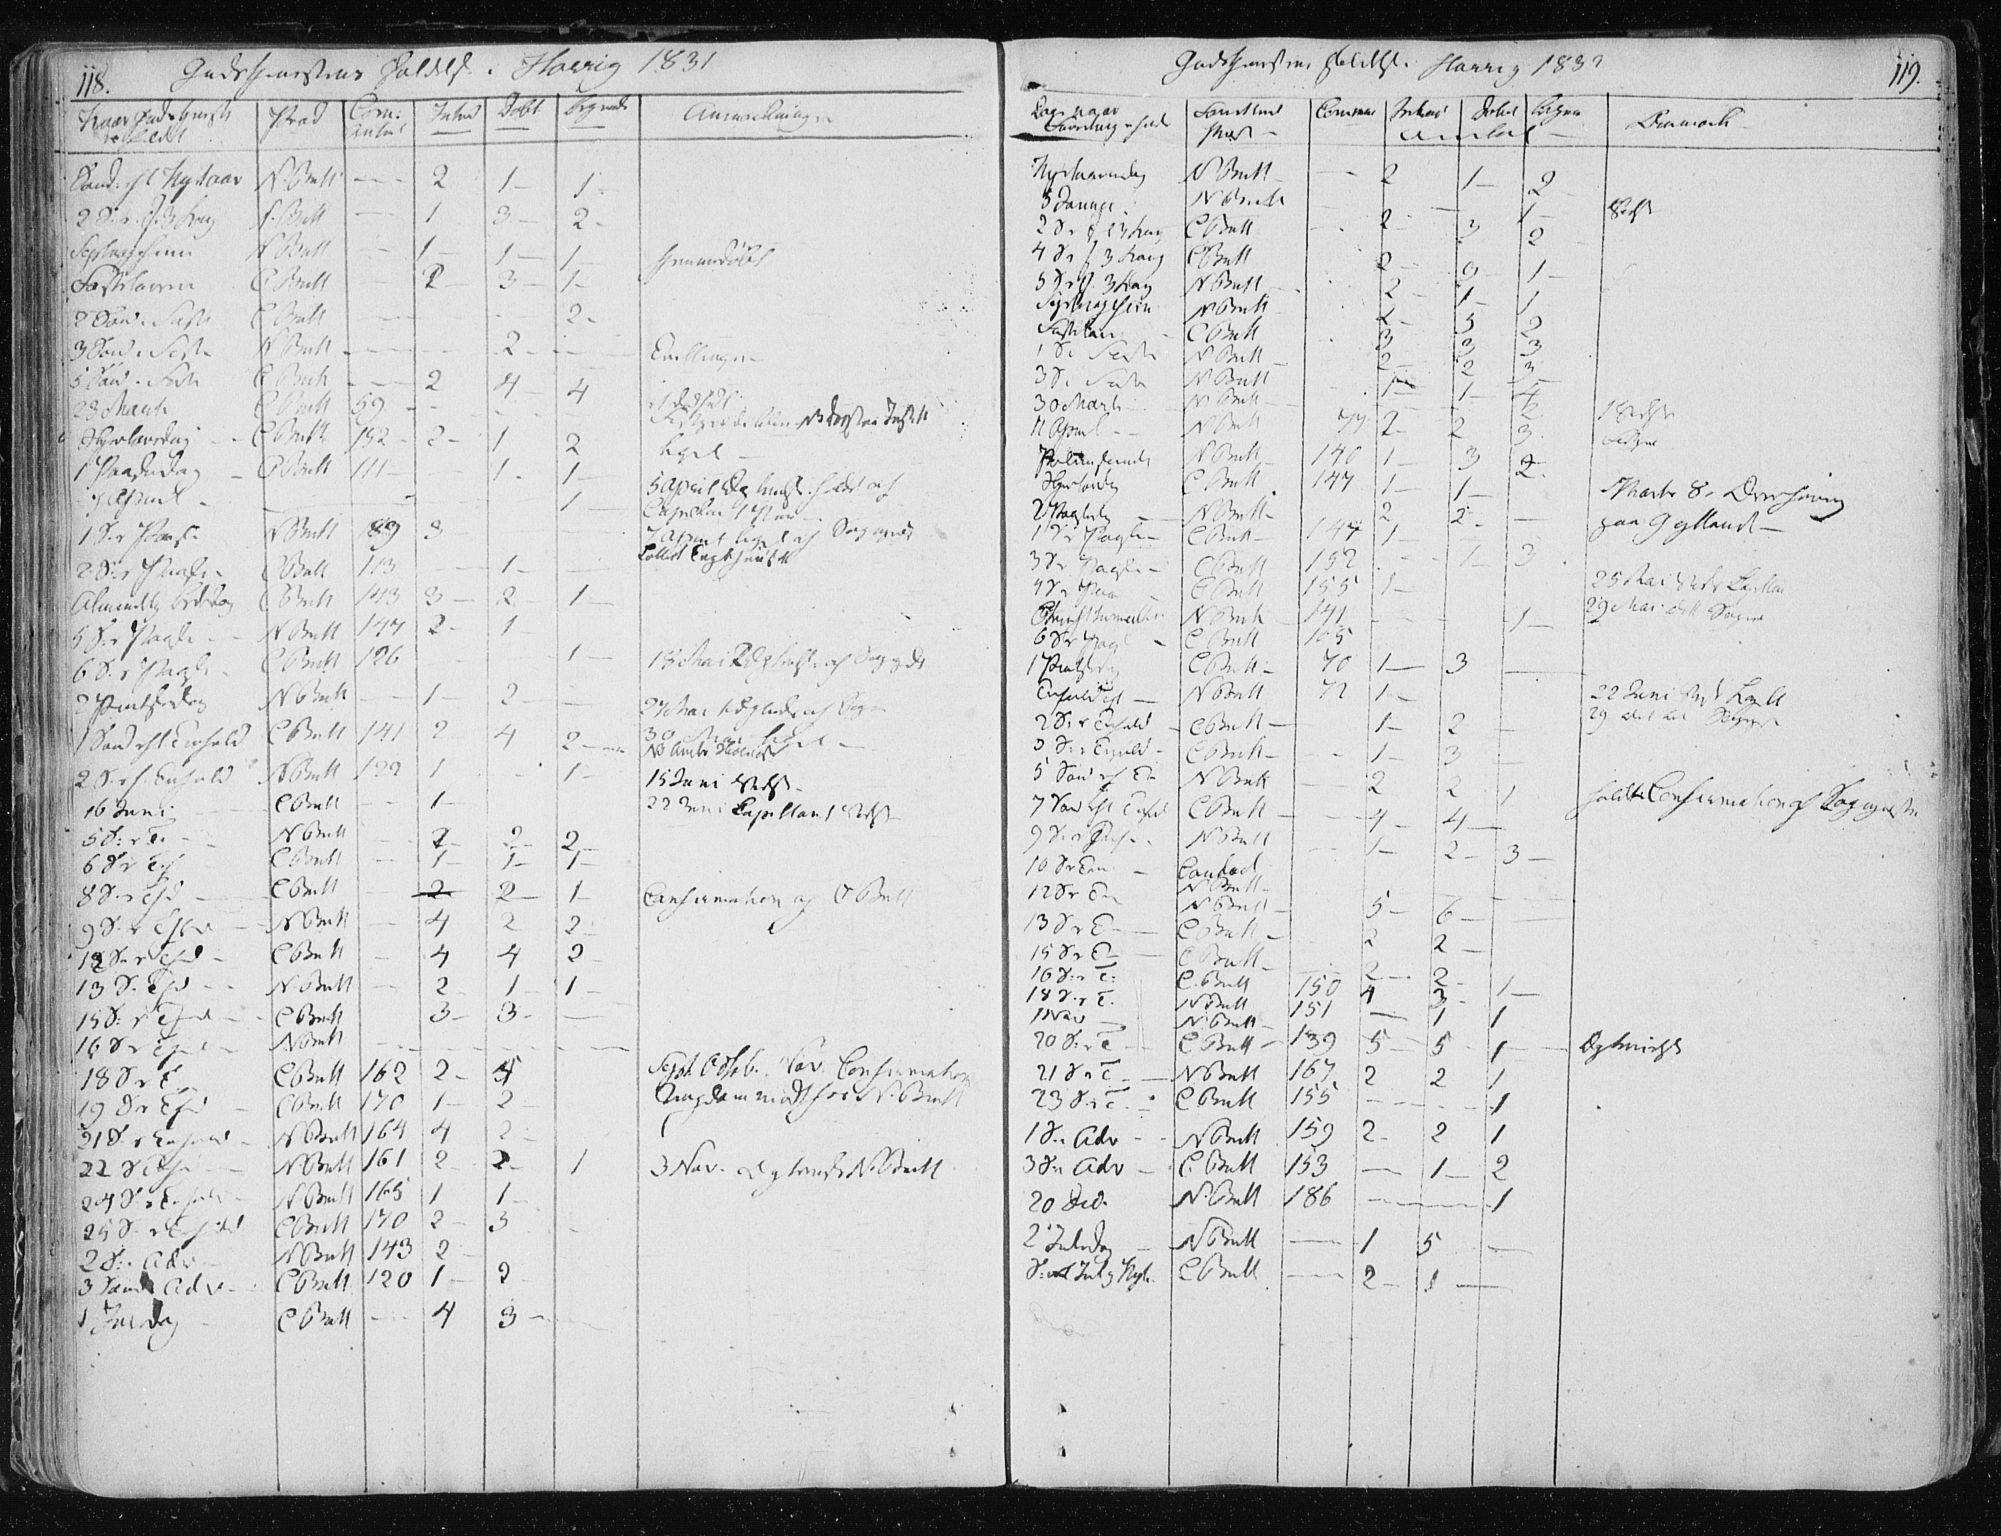 SAT, Ministerialprotokoller, klokkerbøker og fødselsregistre - Sør-Trøndelag, 687/L0993: Ministerialbok nr. 687A03 /2, 1788-1815, s. 118-119